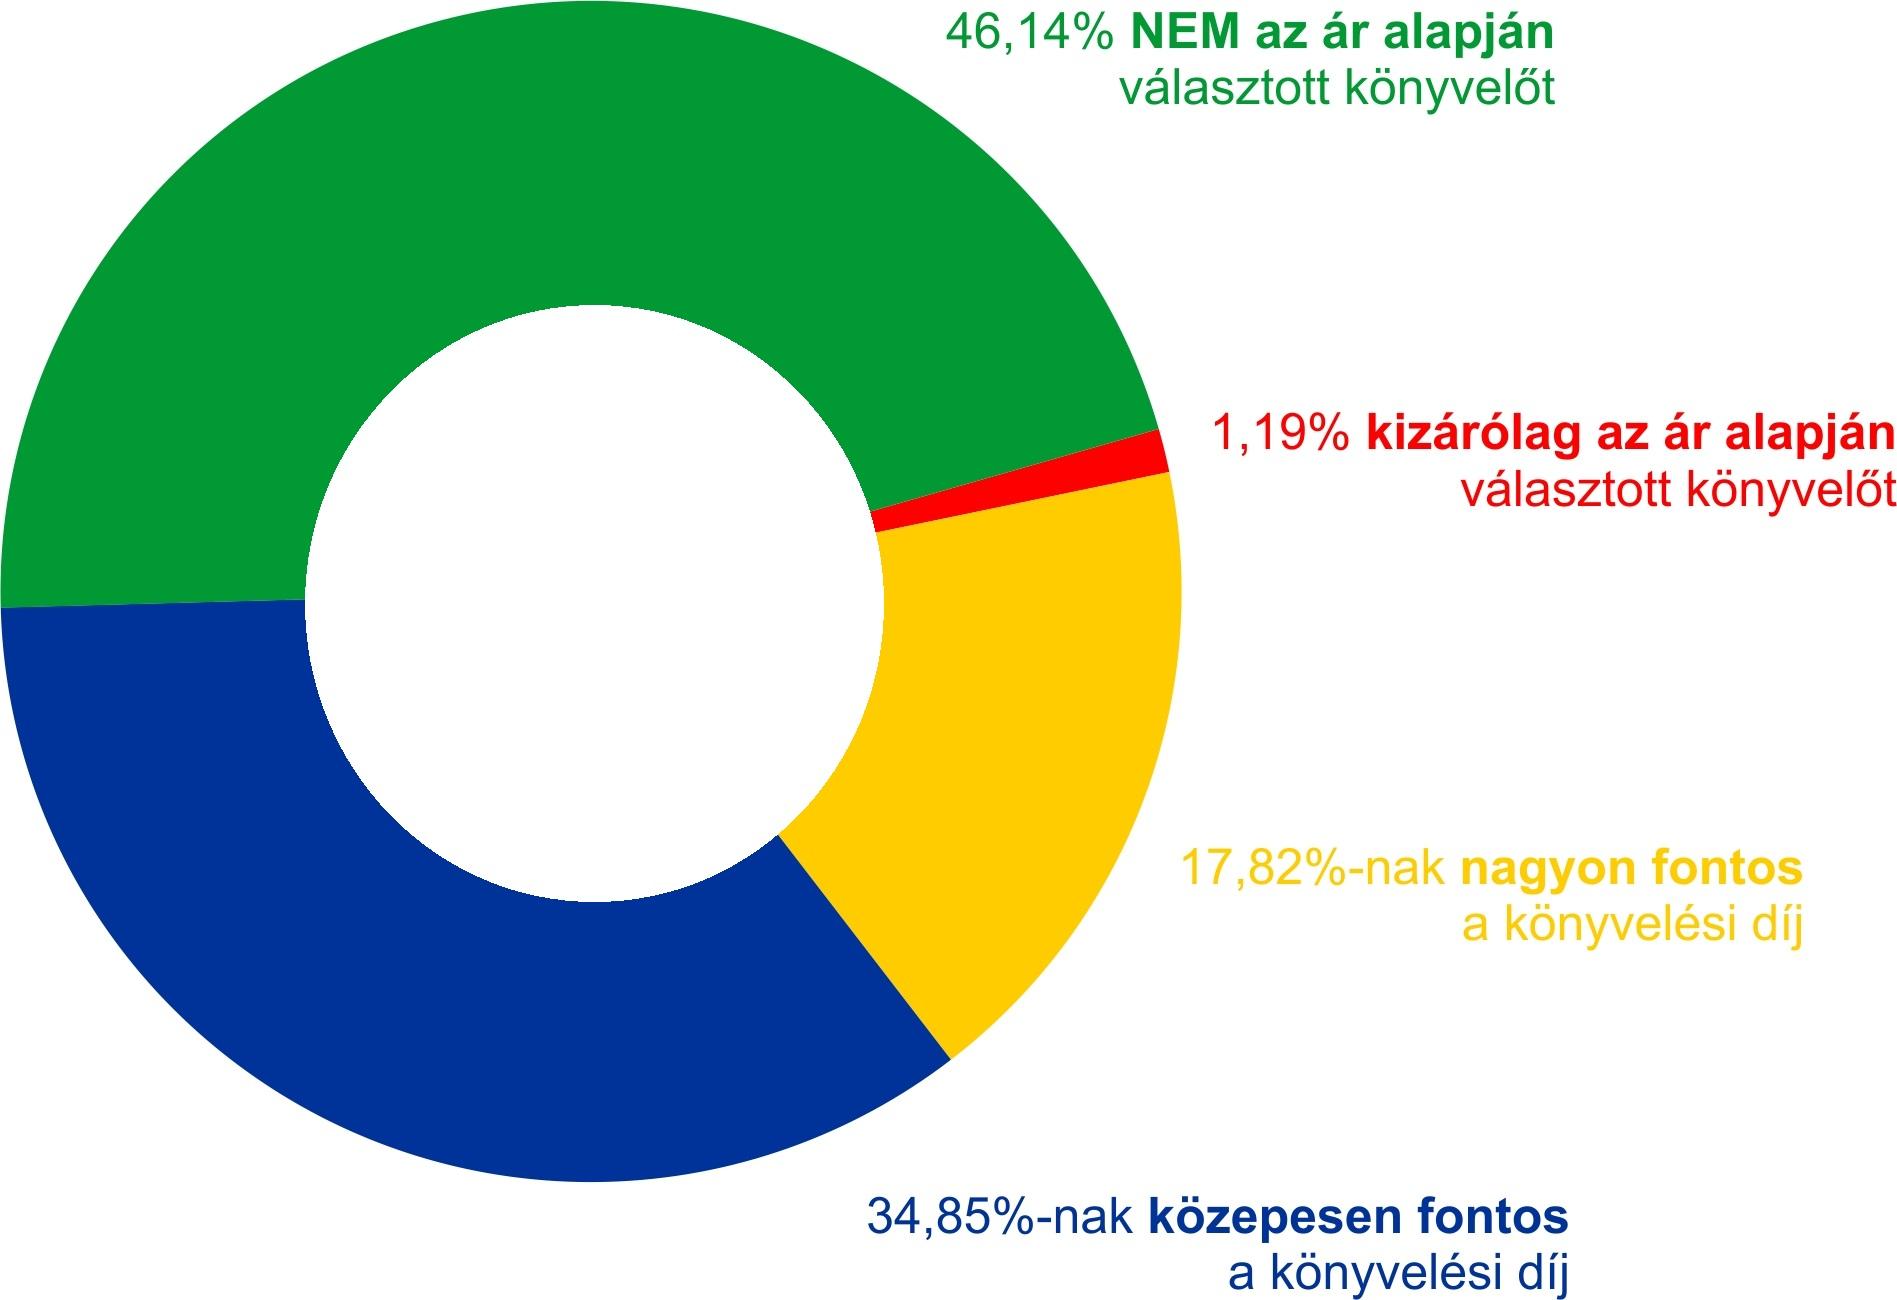 berger_kordiagramm.jpg